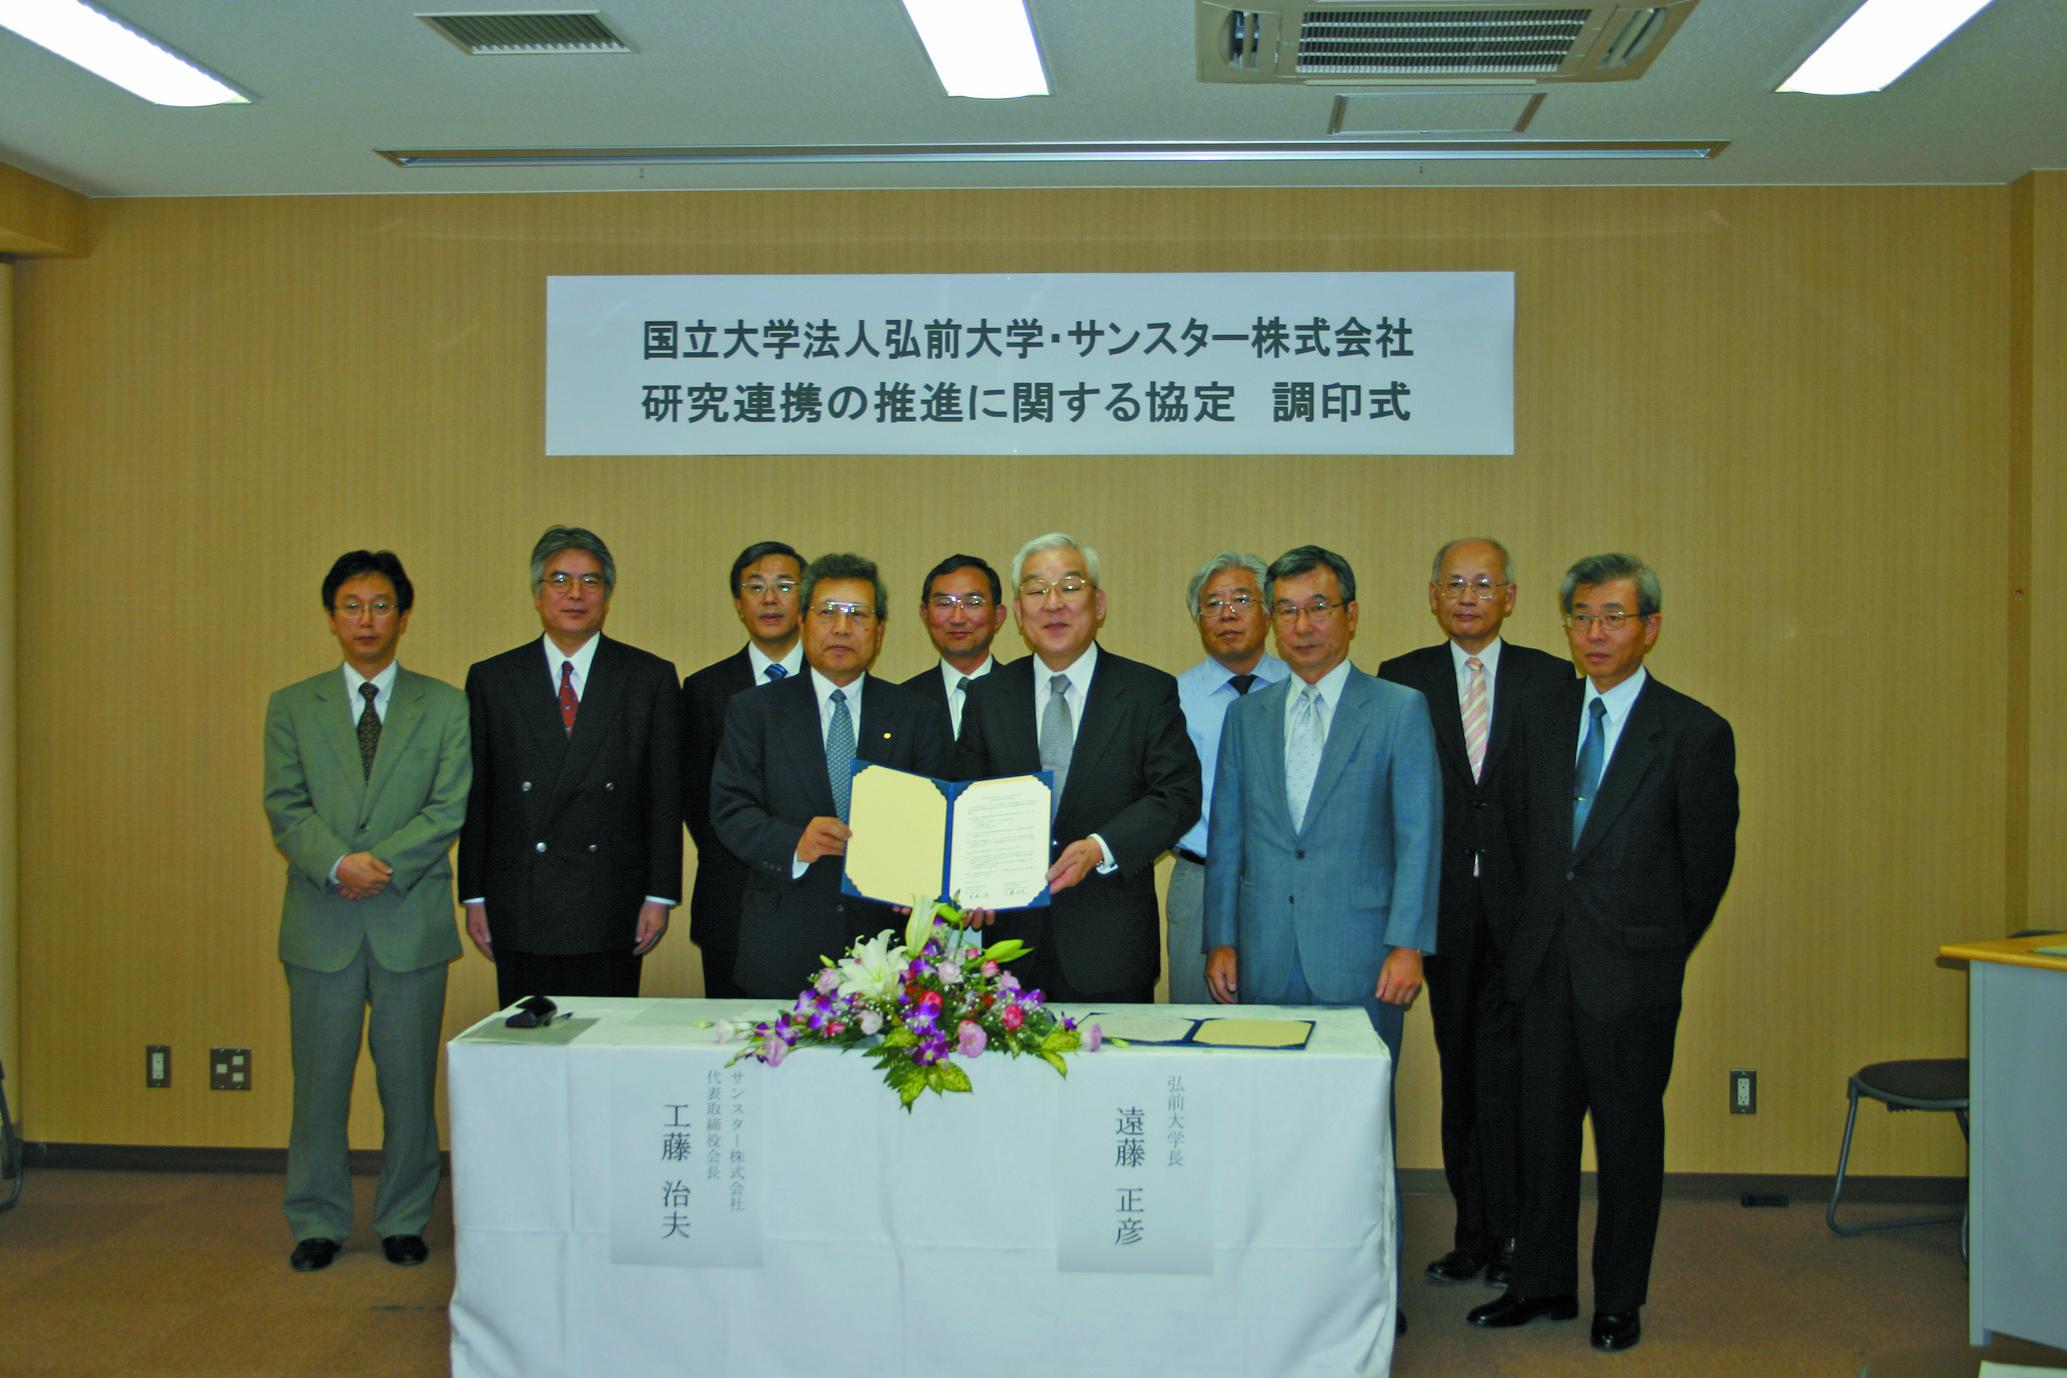 サンスター株式会社との研究連携の推進に関する協定を締結(平成19年8月7日)